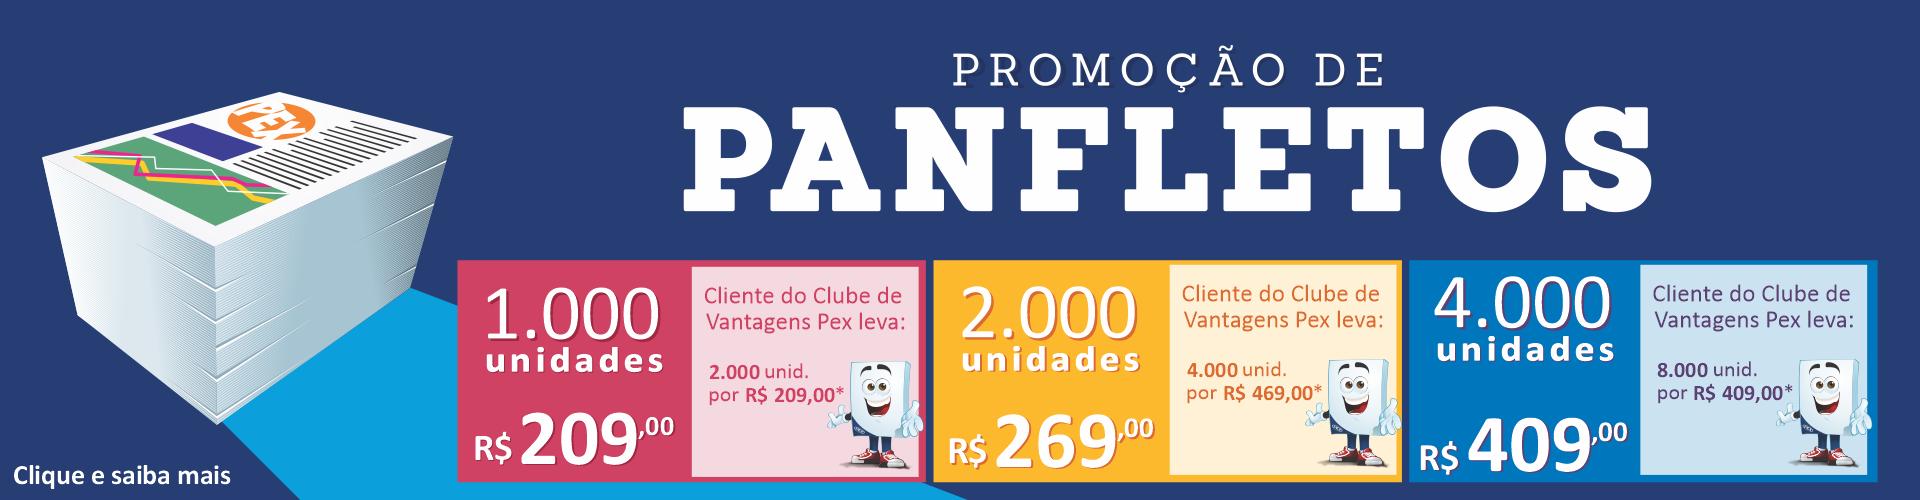 Promoção de Panfletos 2021